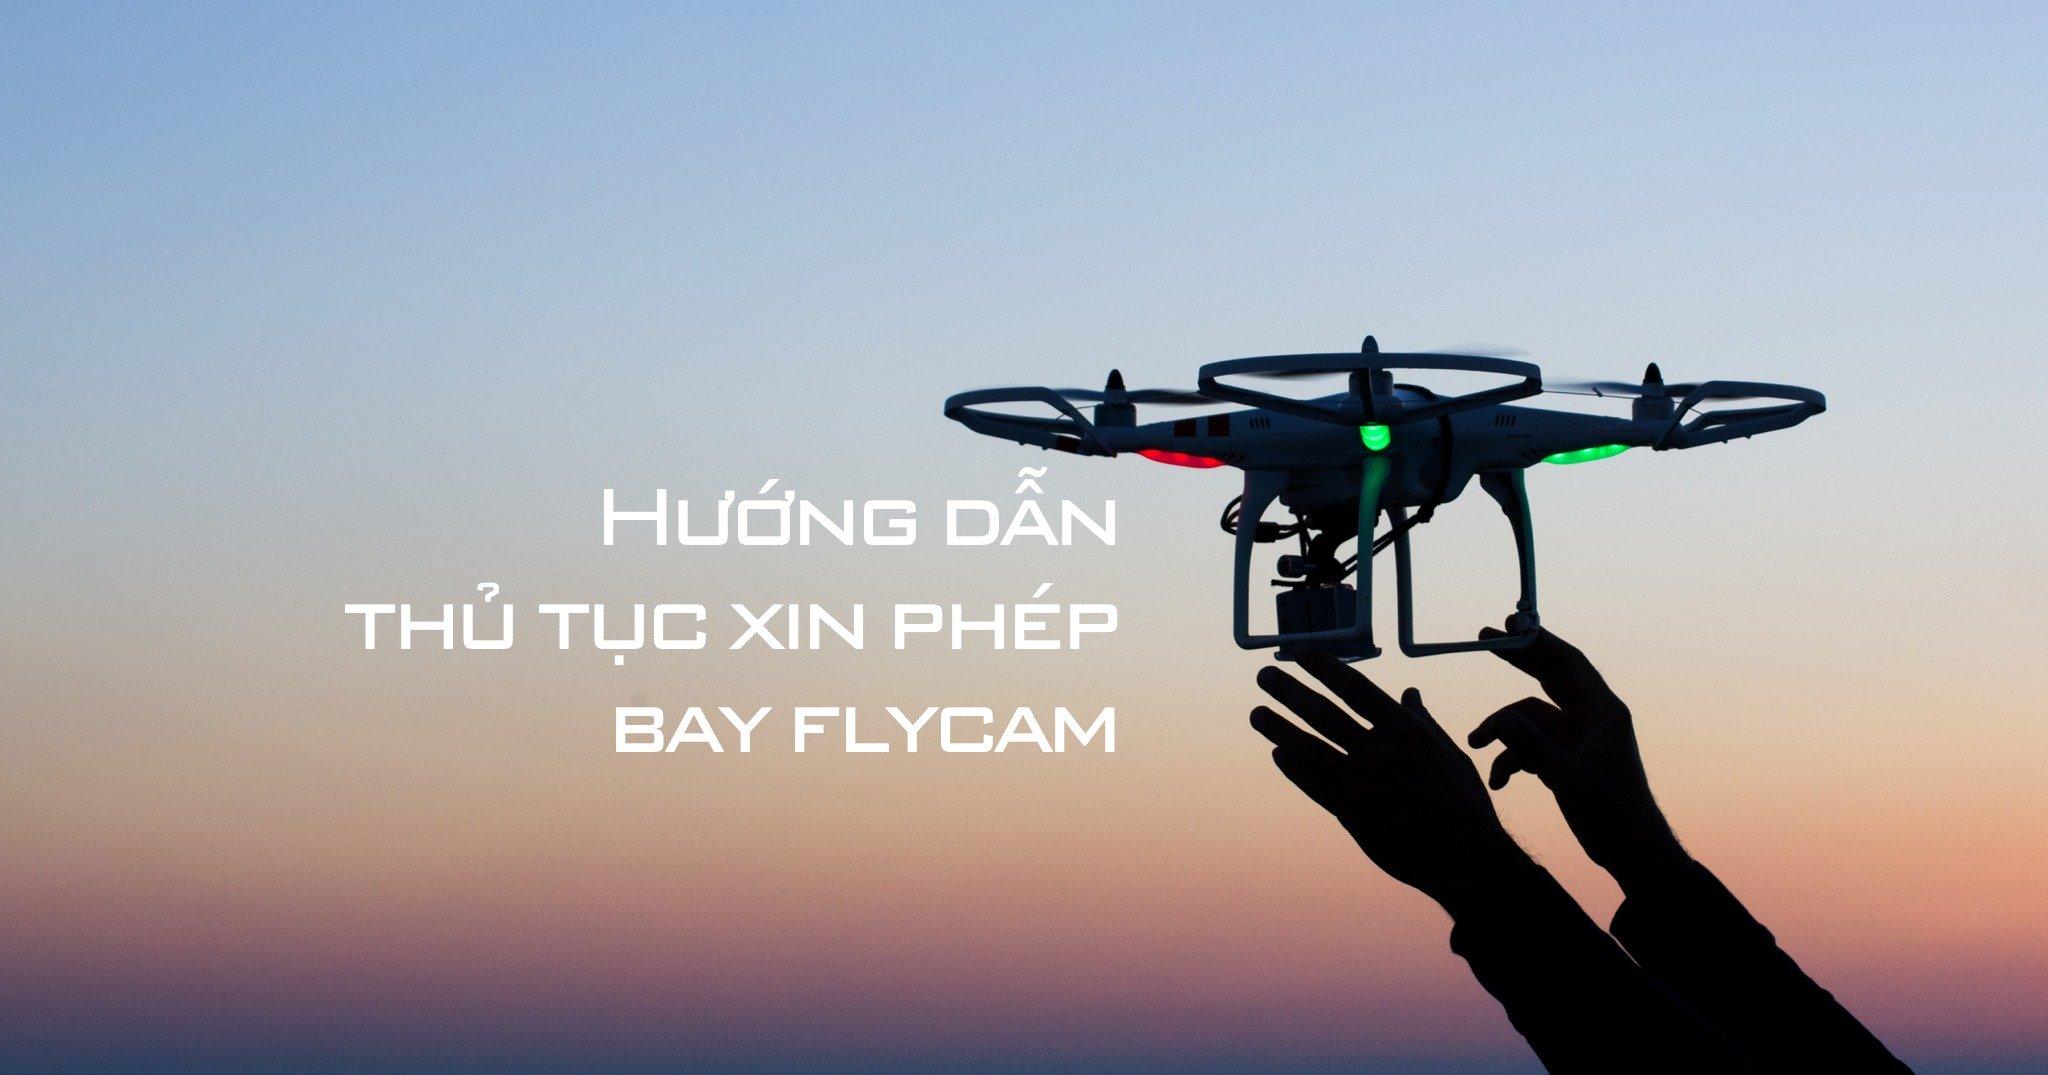 Cần nắm được thủ tục xin giấy phép bay flycam